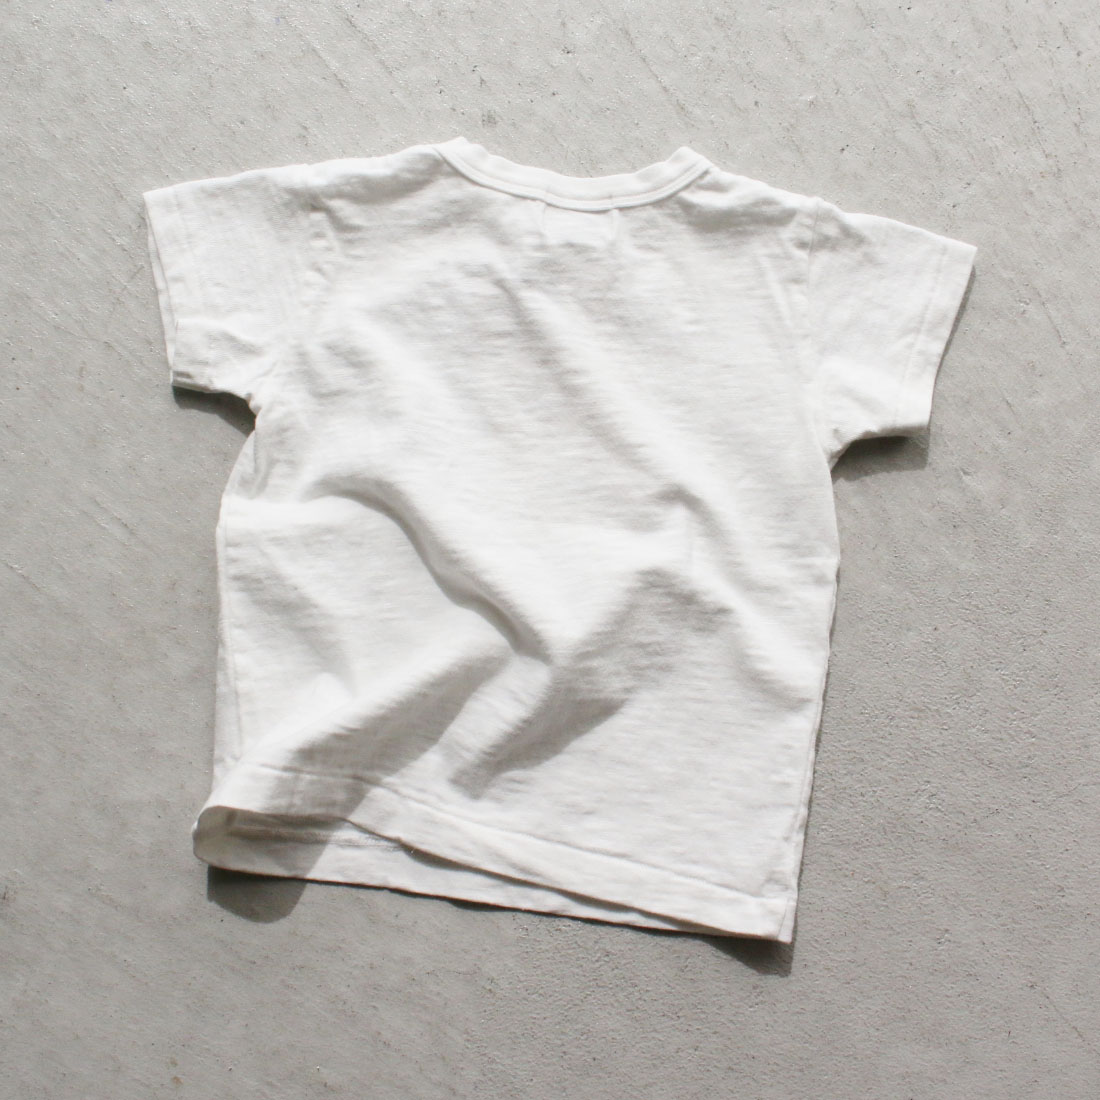 デニム&ダンガリー DENIM DUNGAREE D&D FAMILY BABY TEE(80cm 90cm 100cm)ベビー Tシャツ【メール便可】712419